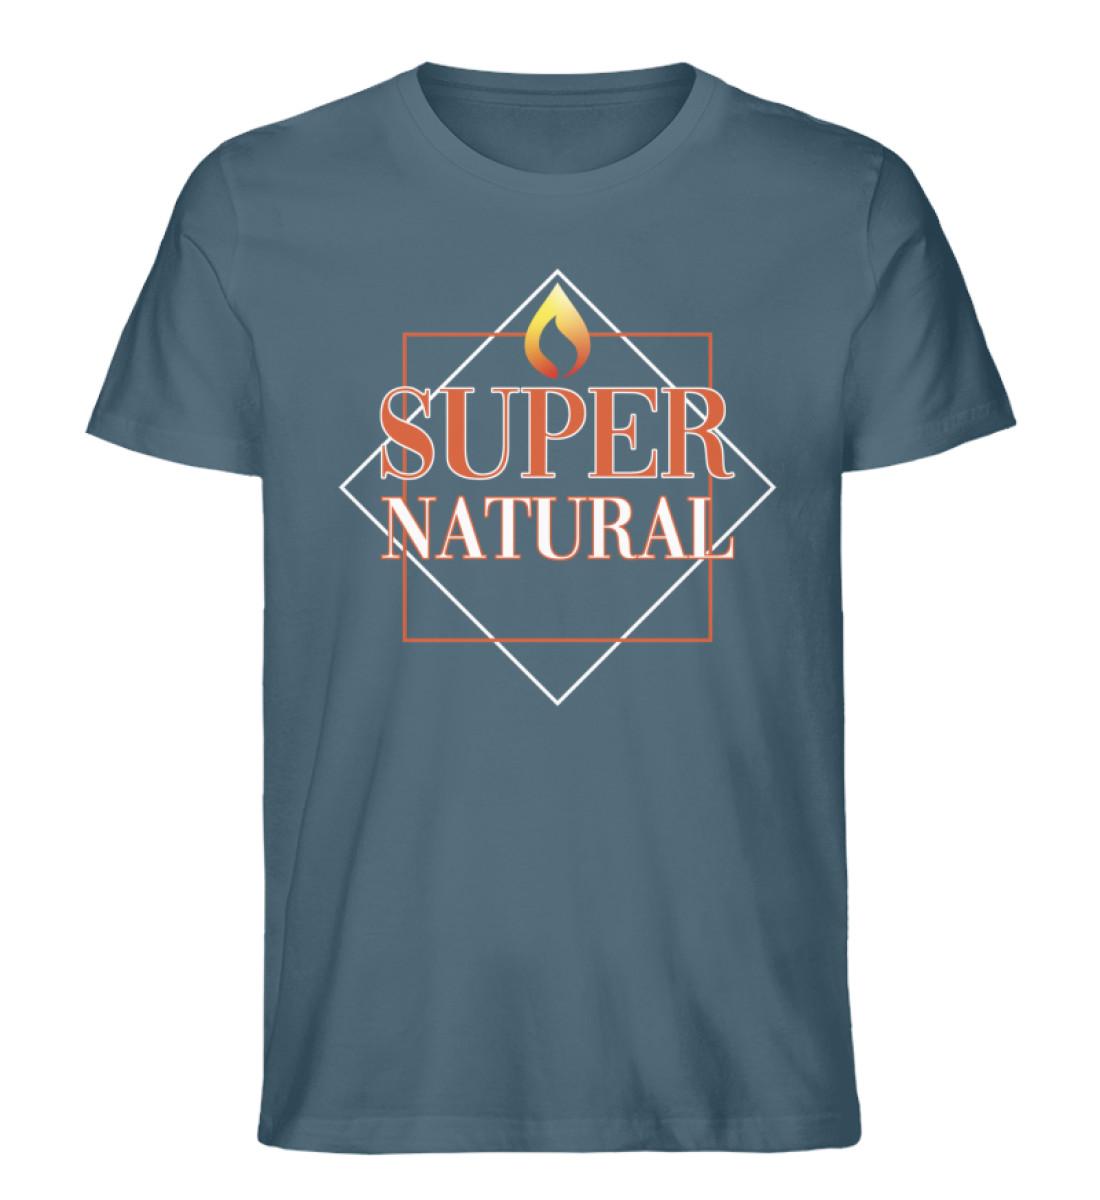 supernatural - Men Premium Organic Shirt-6880